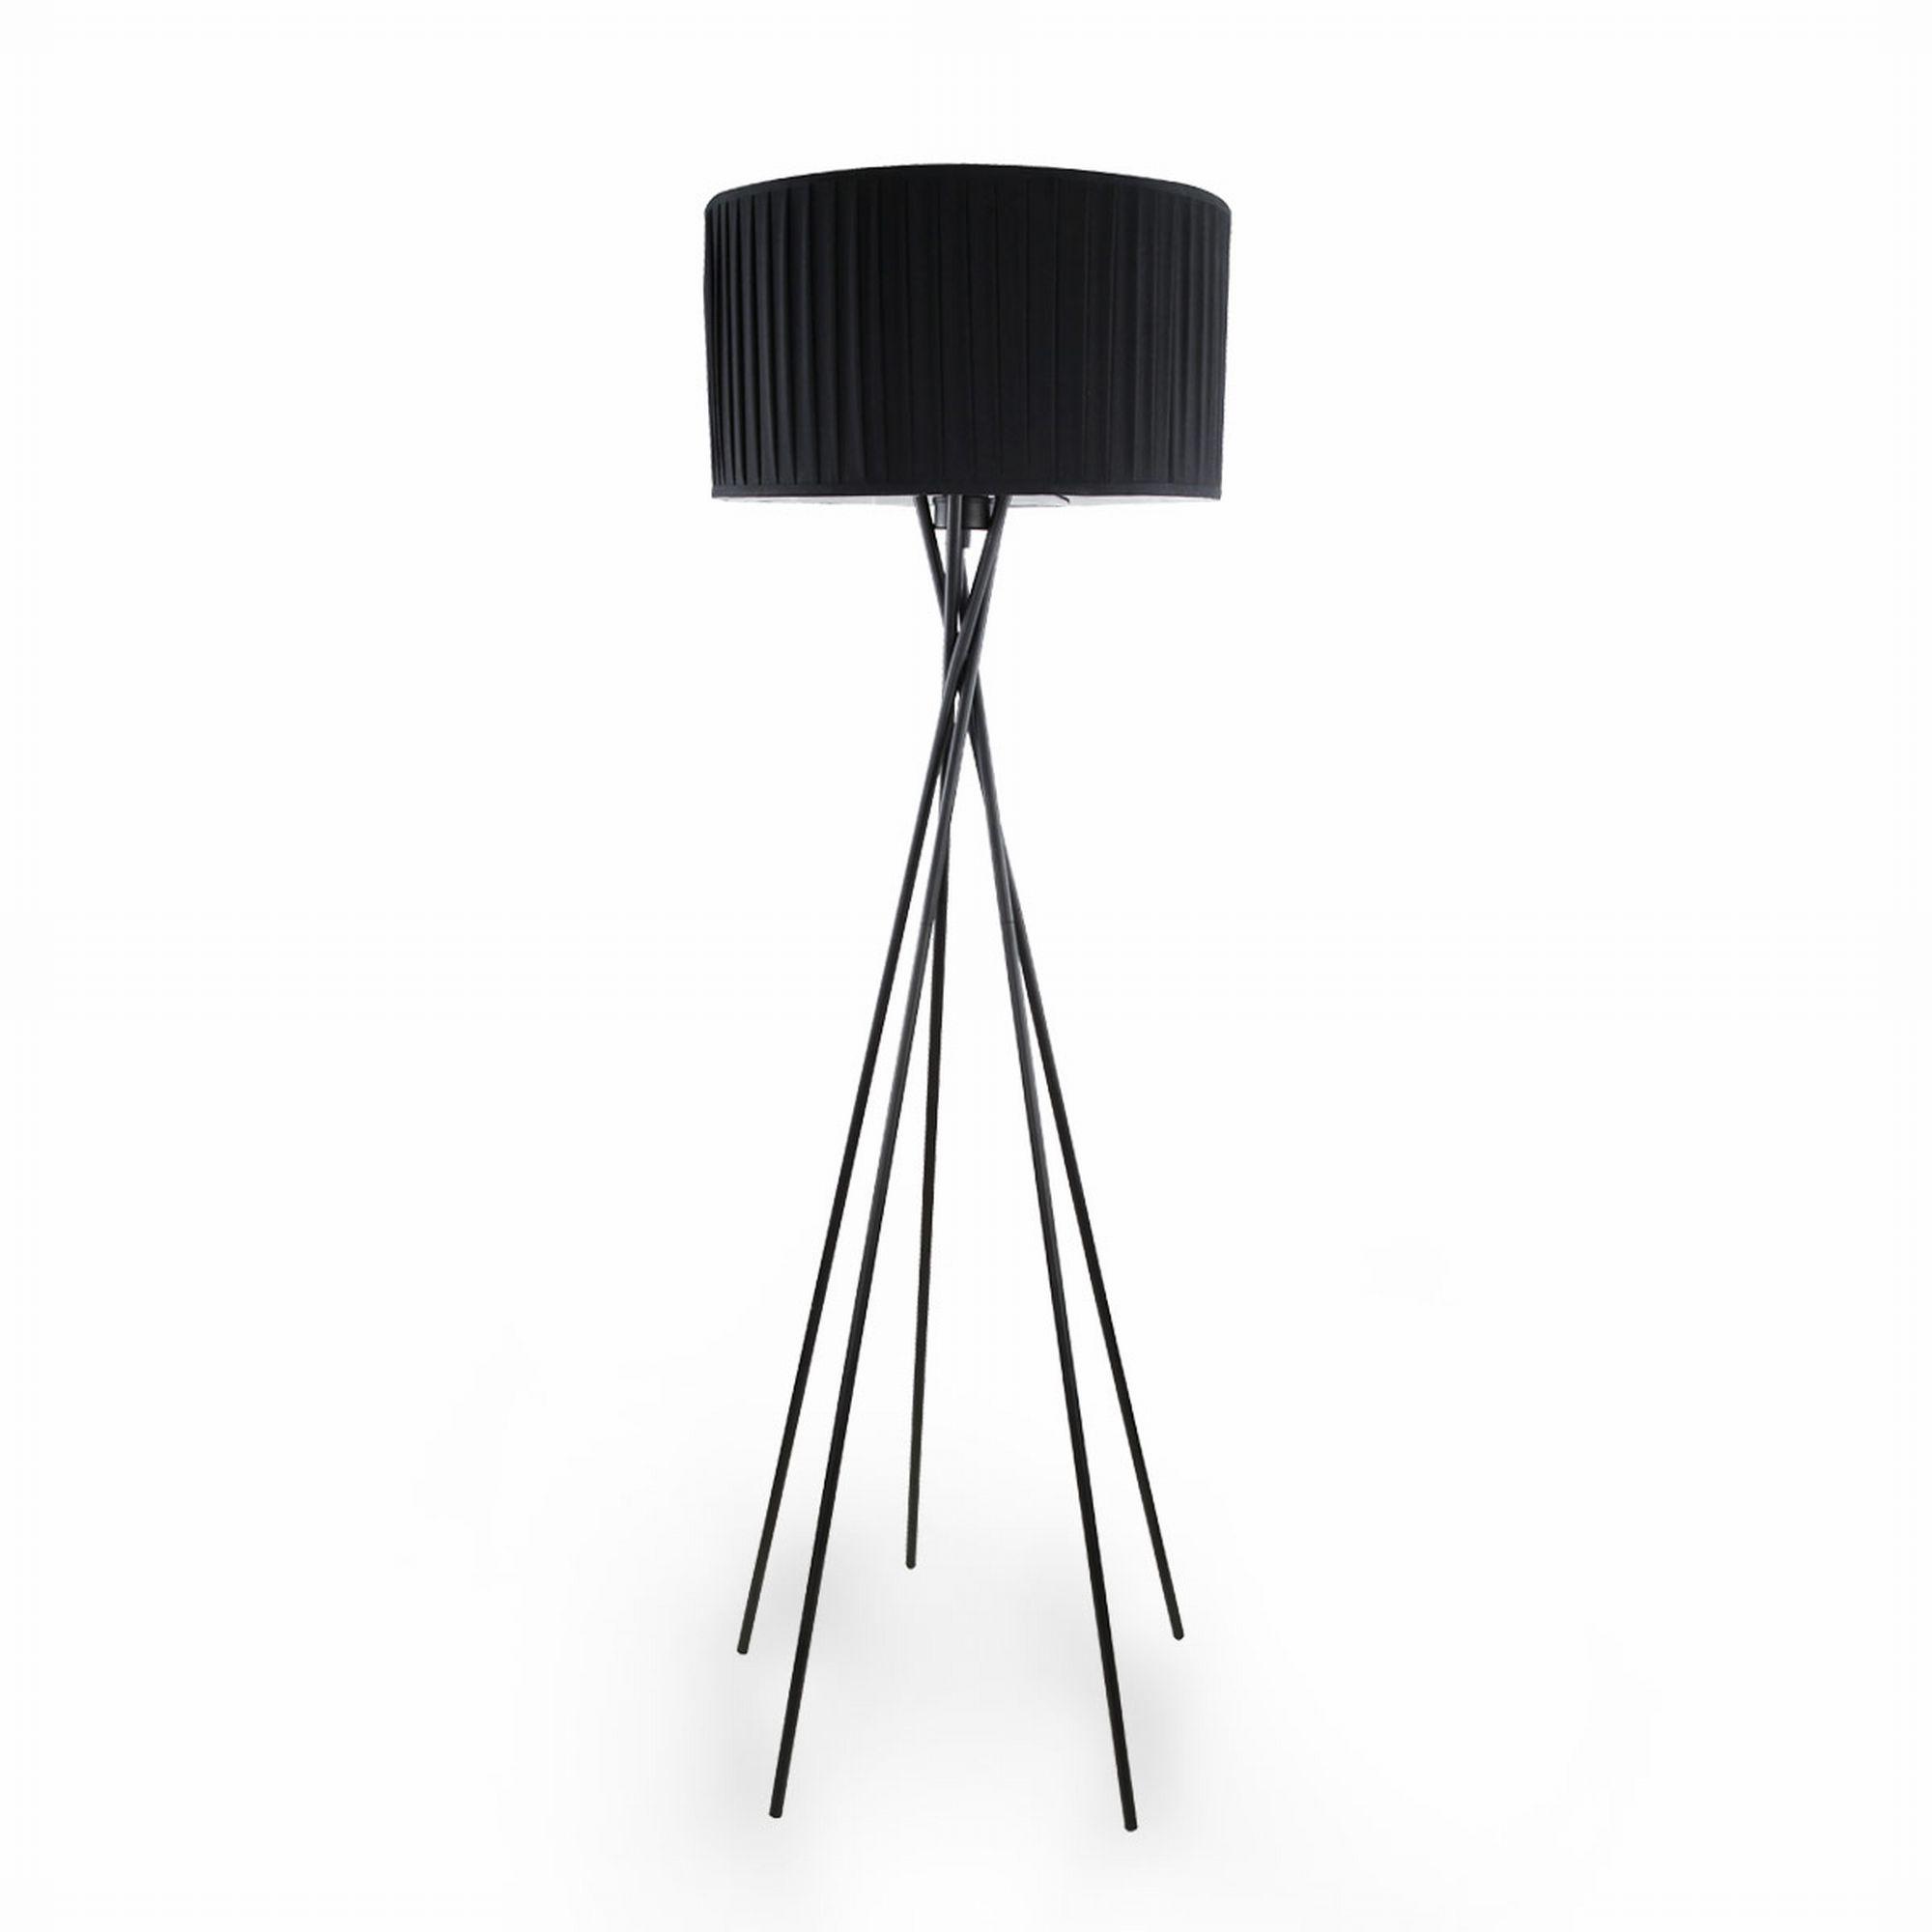 Full Size of Moderne Stehlampe Wohnzimmer Design Lampe Das Beleuchten Duschen Sofa Kleines Landhausstil Deckenleuchten Teppiche Fototapeten Relaxliege Tisch Sessel Wohnzimmer Moderne Stehlampe Wohnzimmer